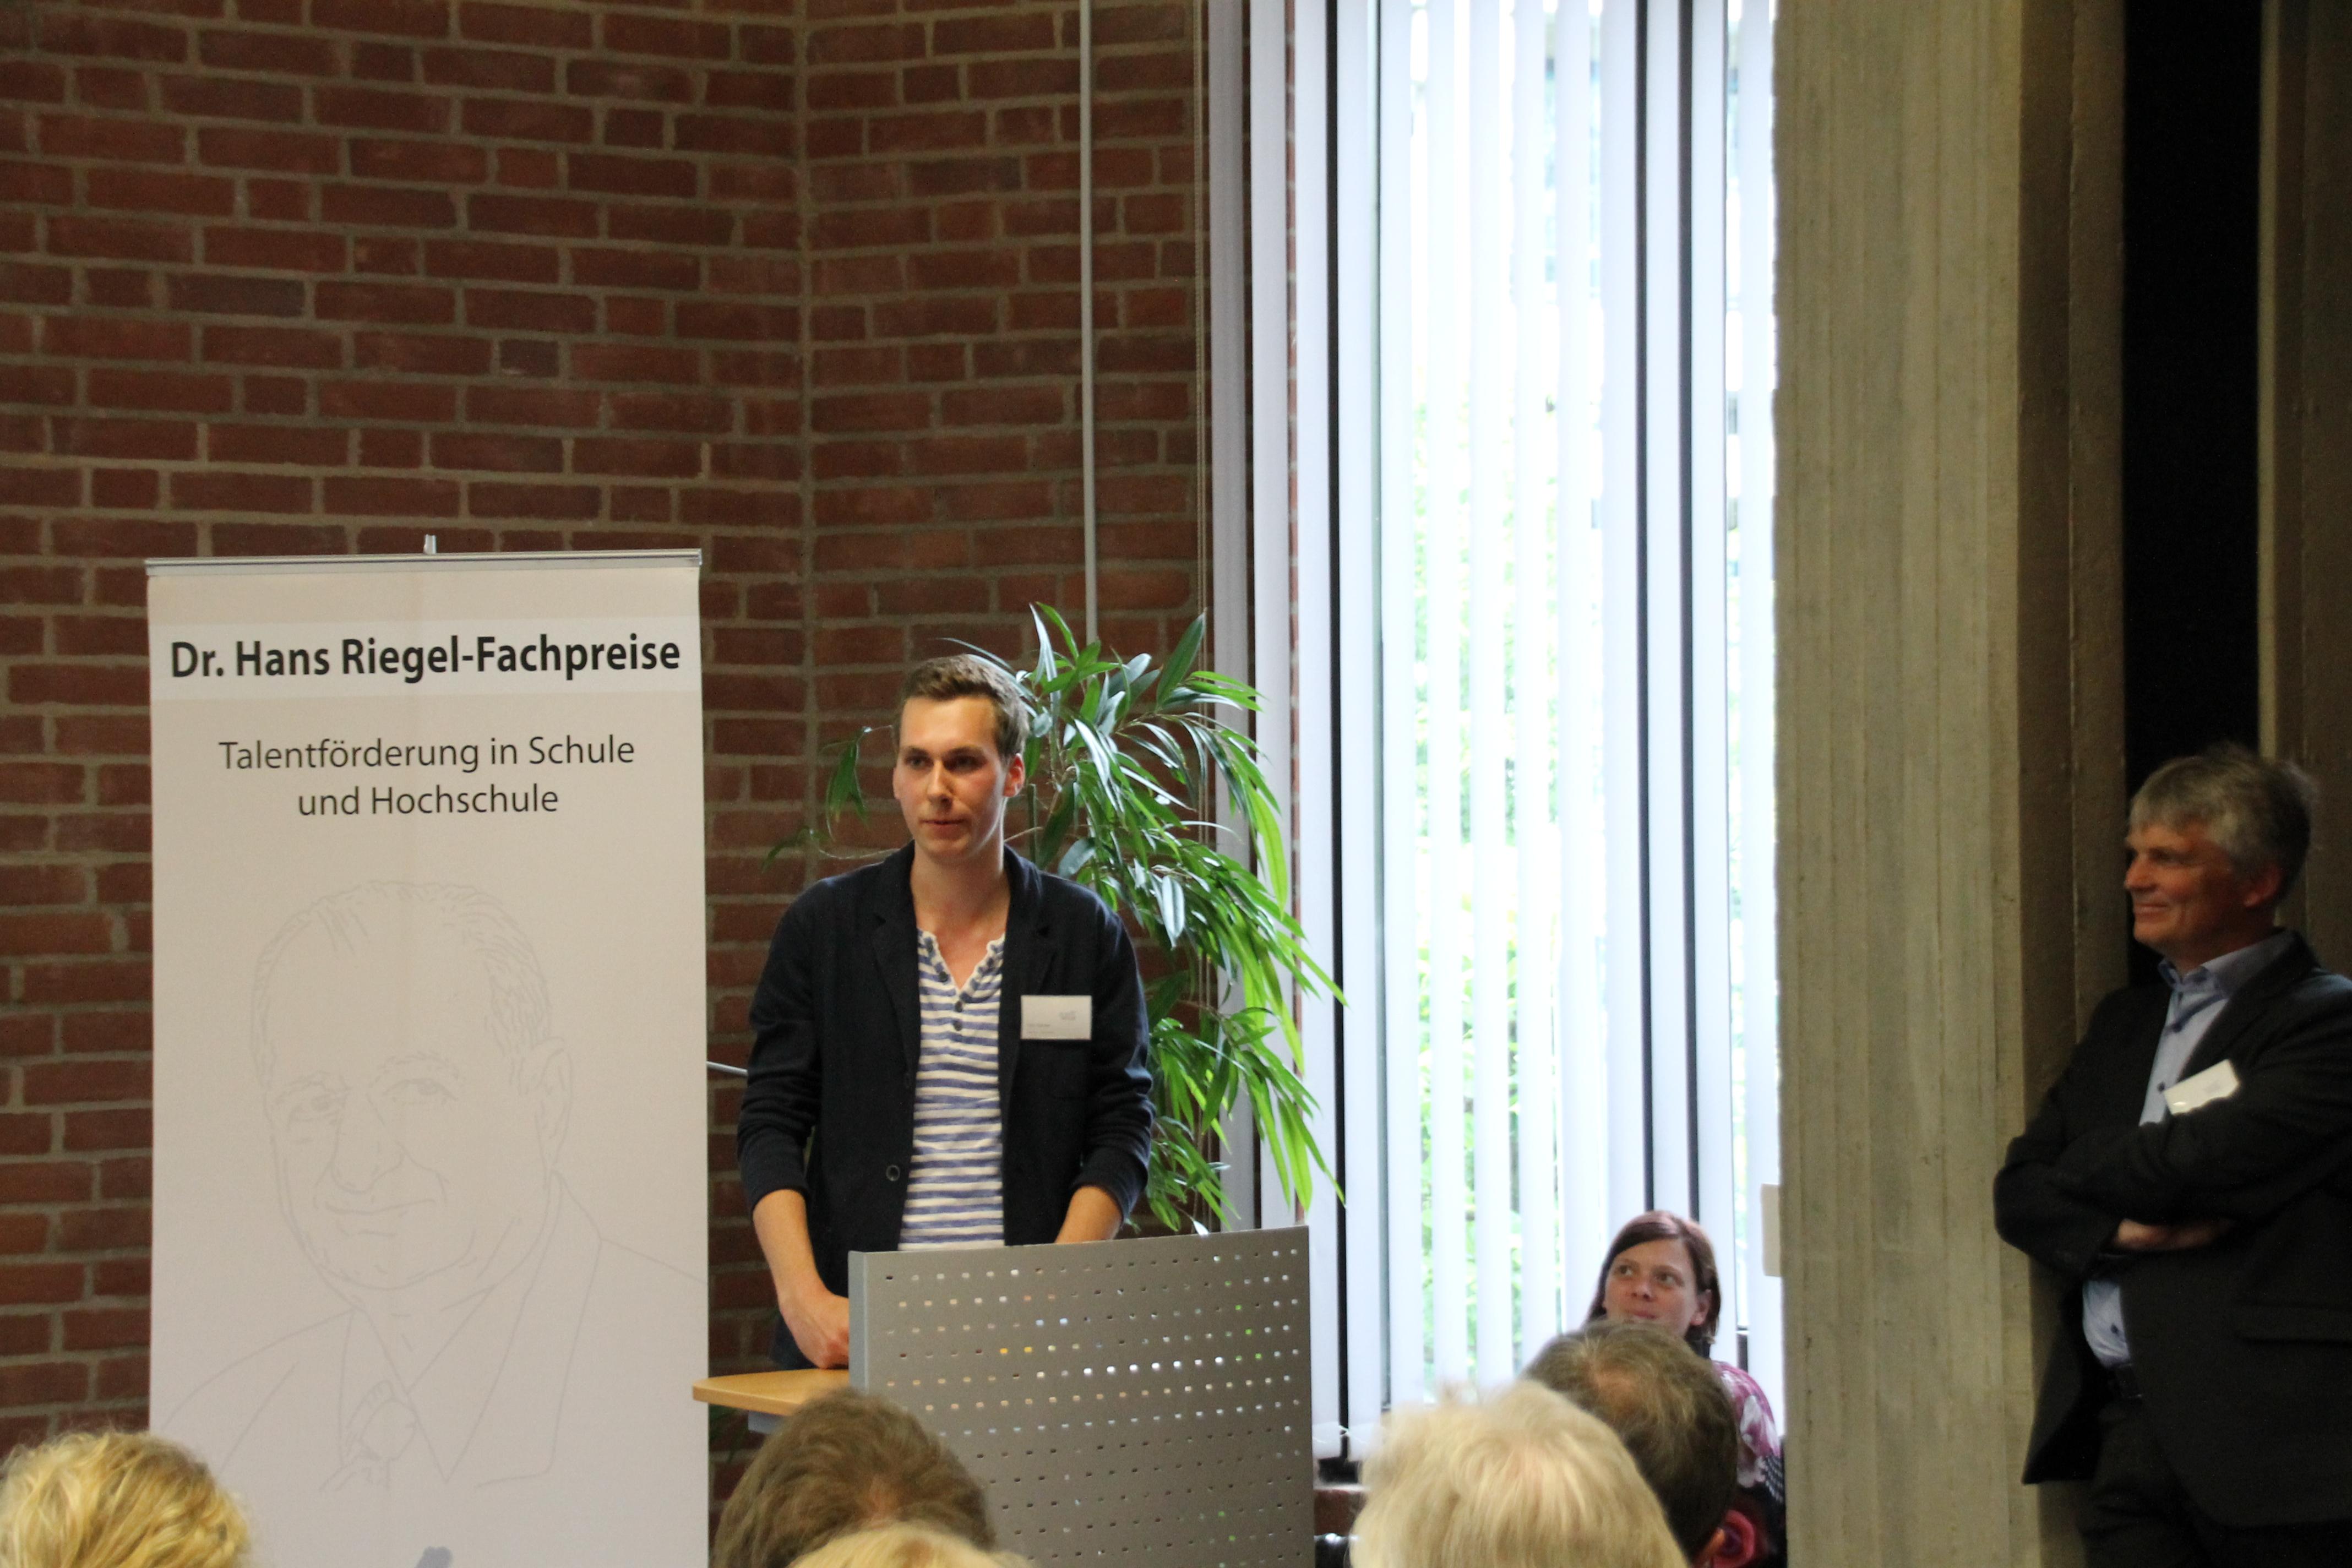 Dr. Hans Riegel-Preis für Felix Reichel vom Freiherr-vom-Stein Gymnasium